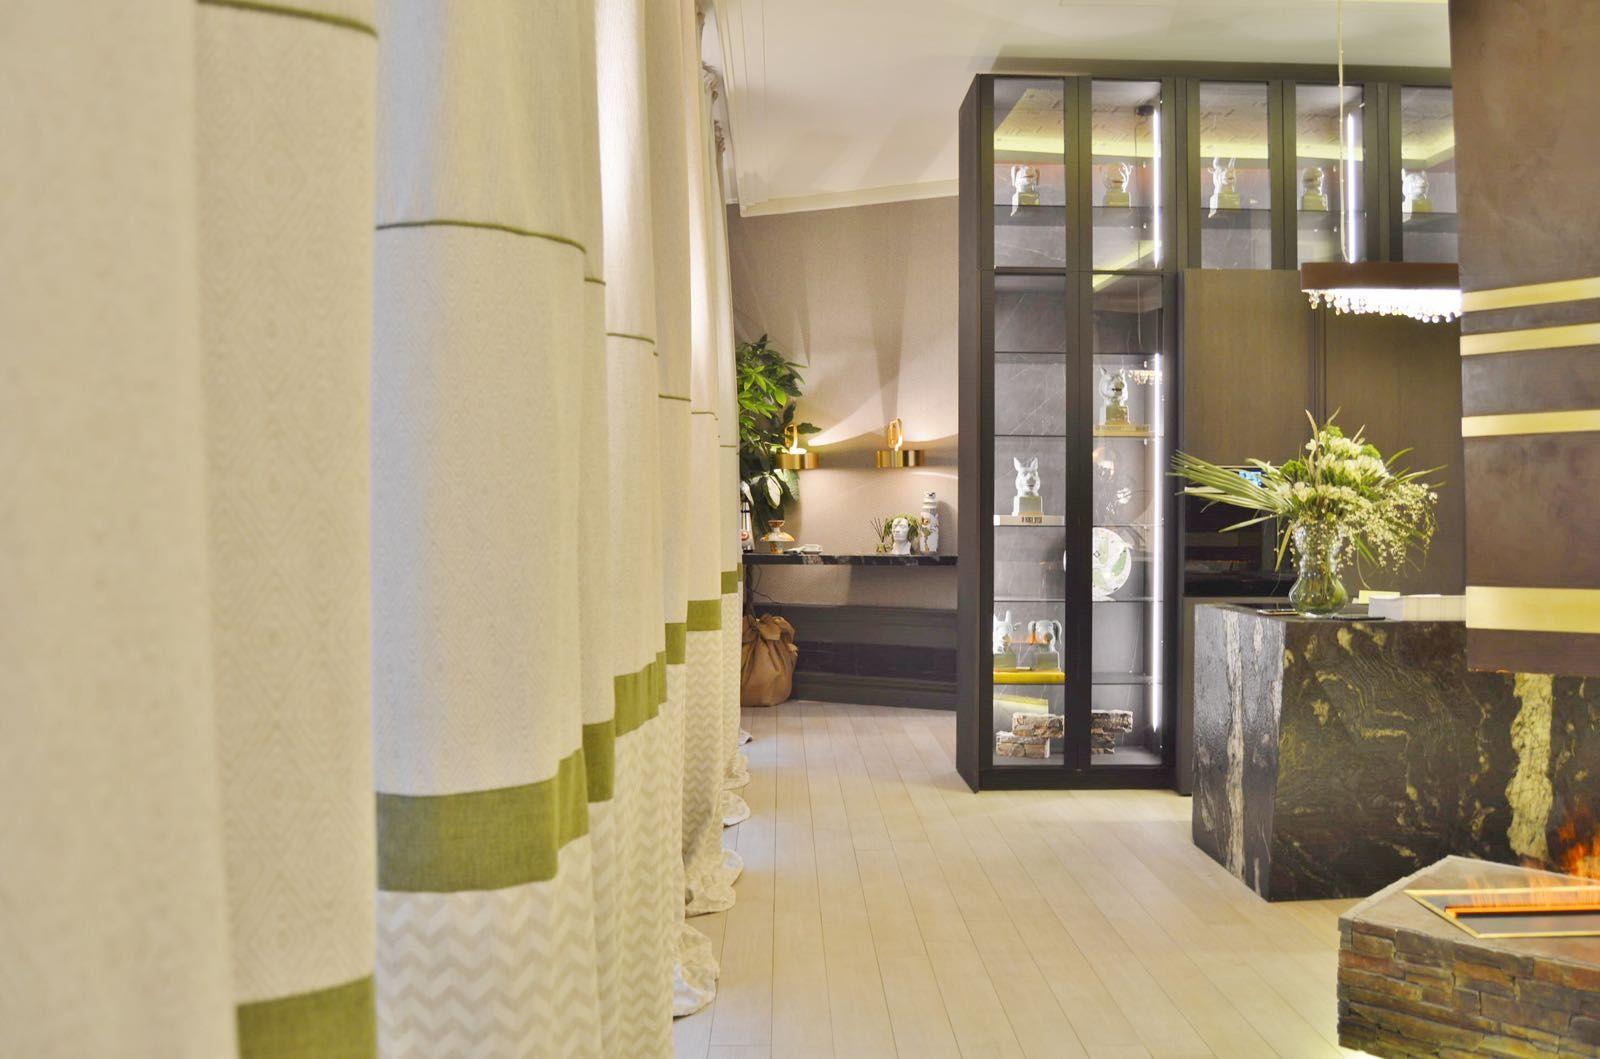 A en casa decor 2018 espacio stone living dise ado por adriana nicolau todos los textiles y - Muebles nicolau ...